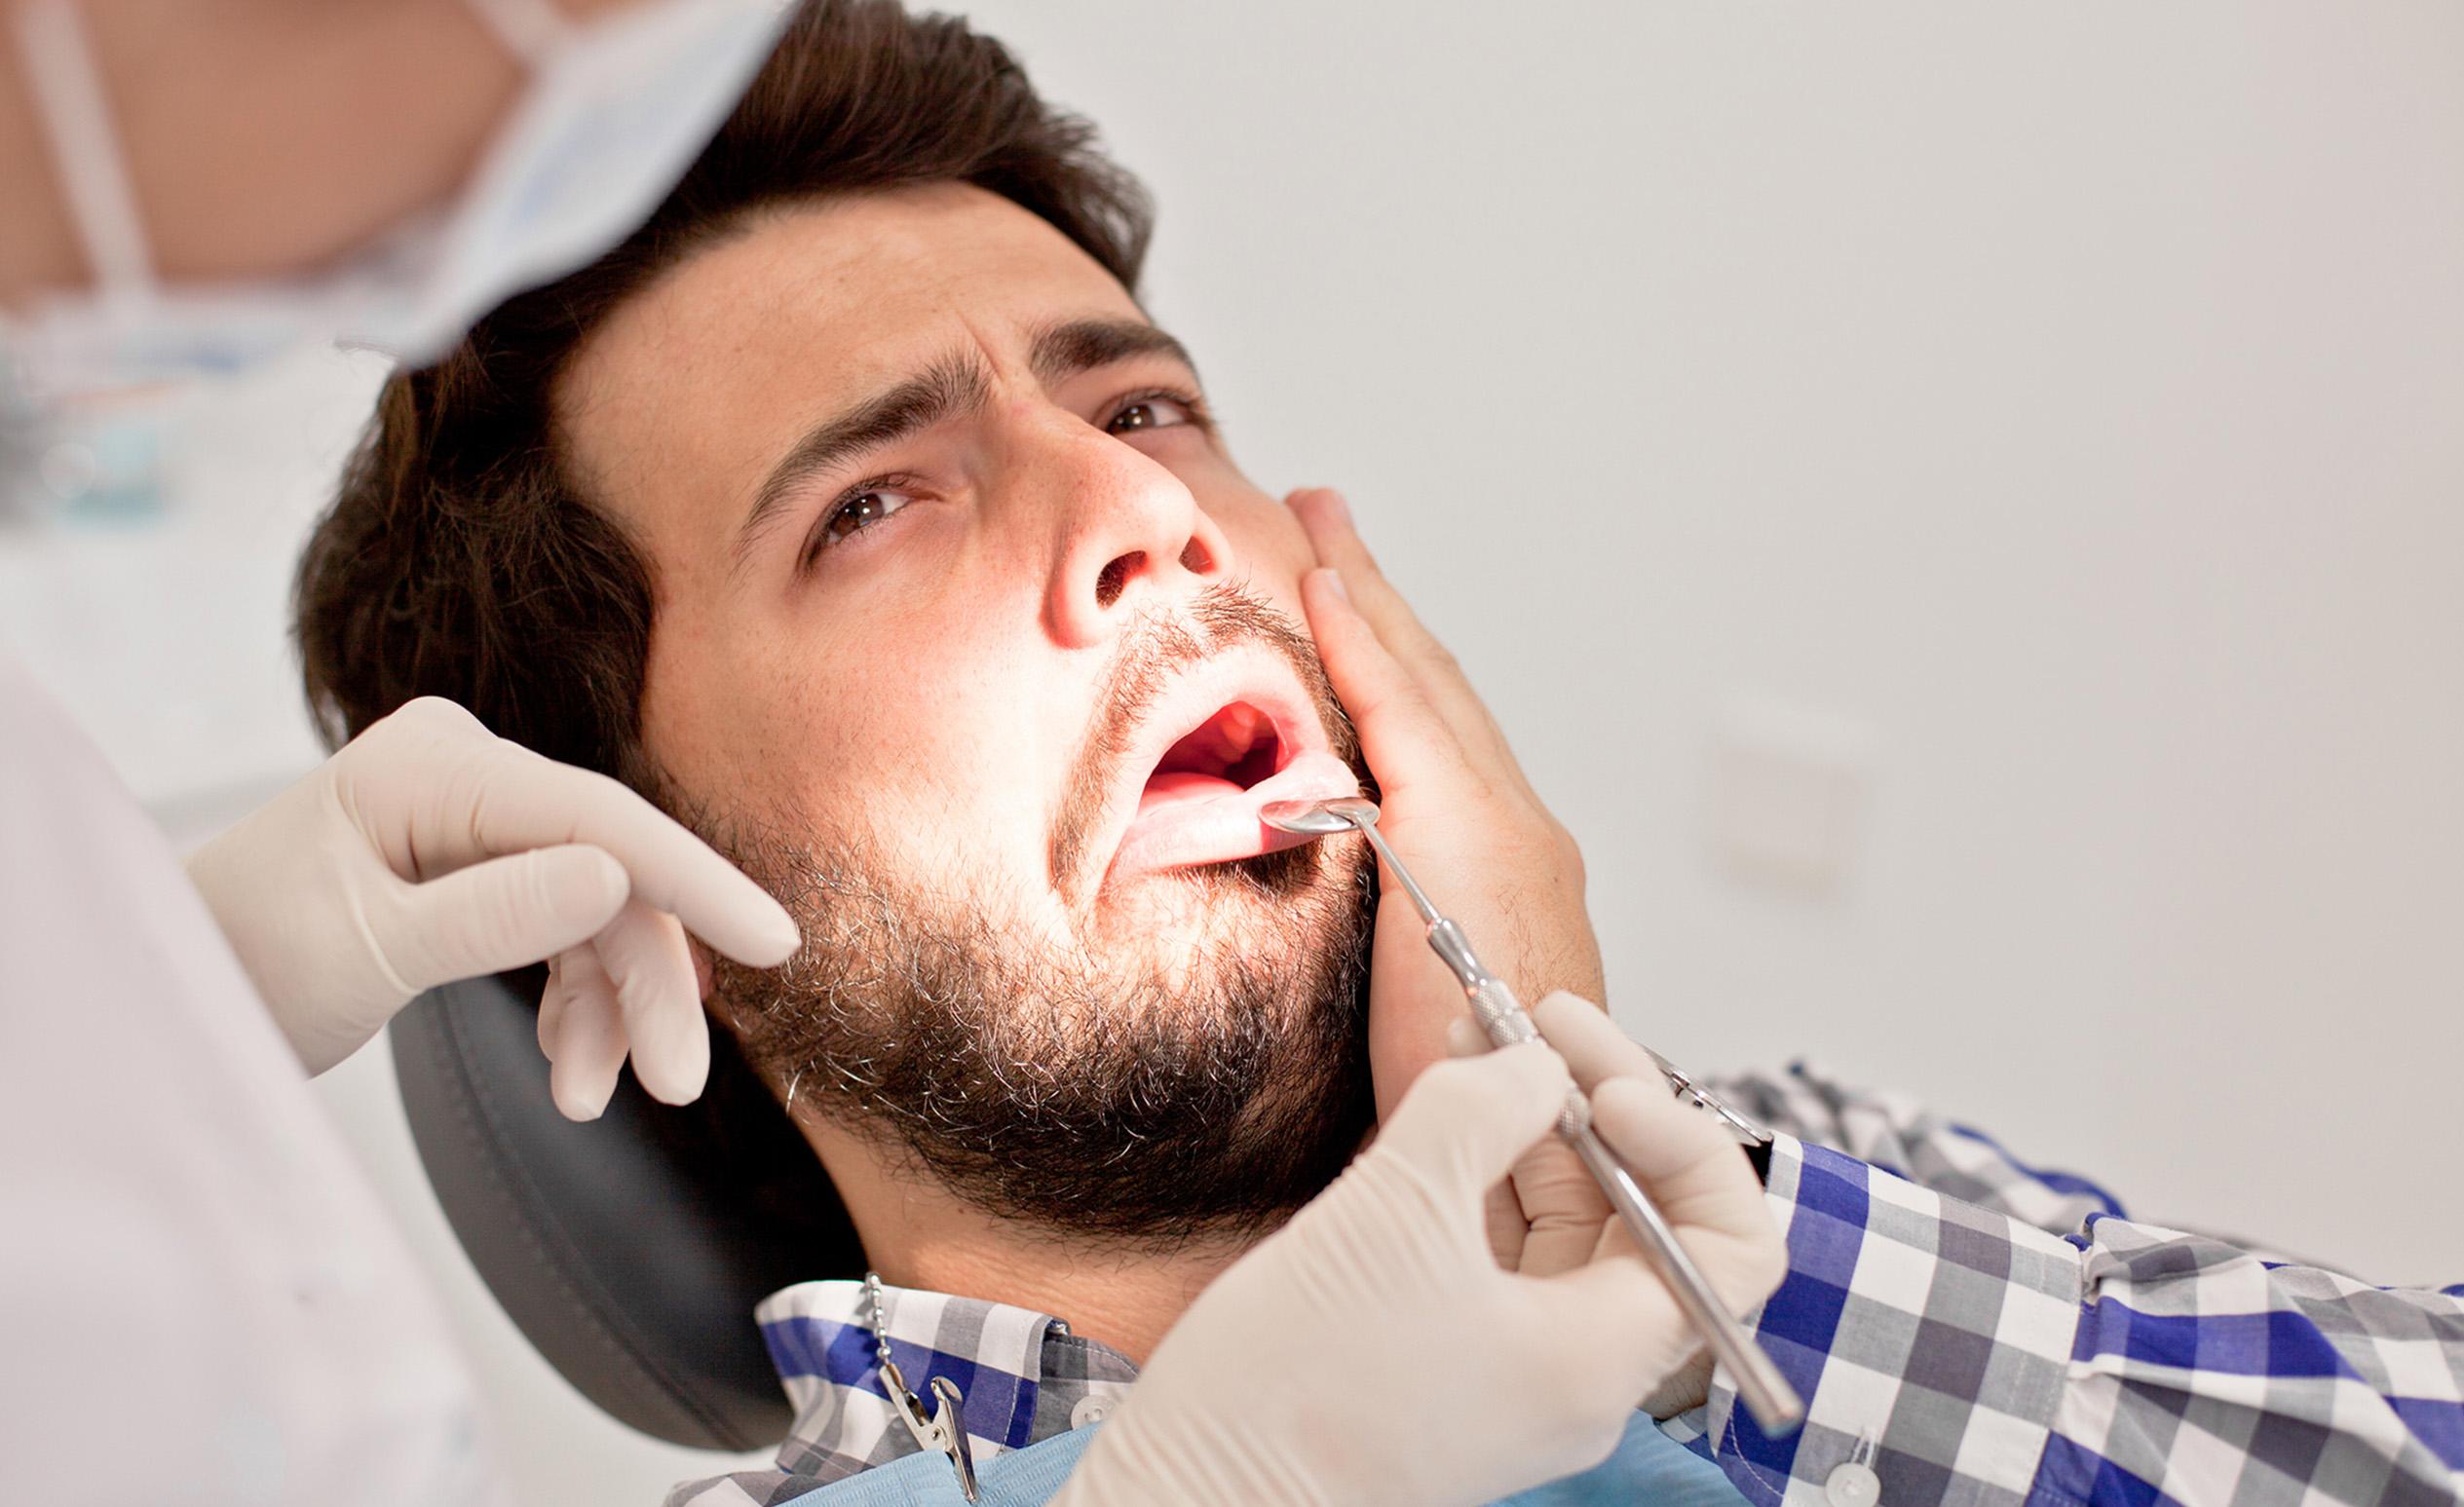 Fogorvos vizsgál egy férfit, aki fogja a fejét érzékeny foga miatt.